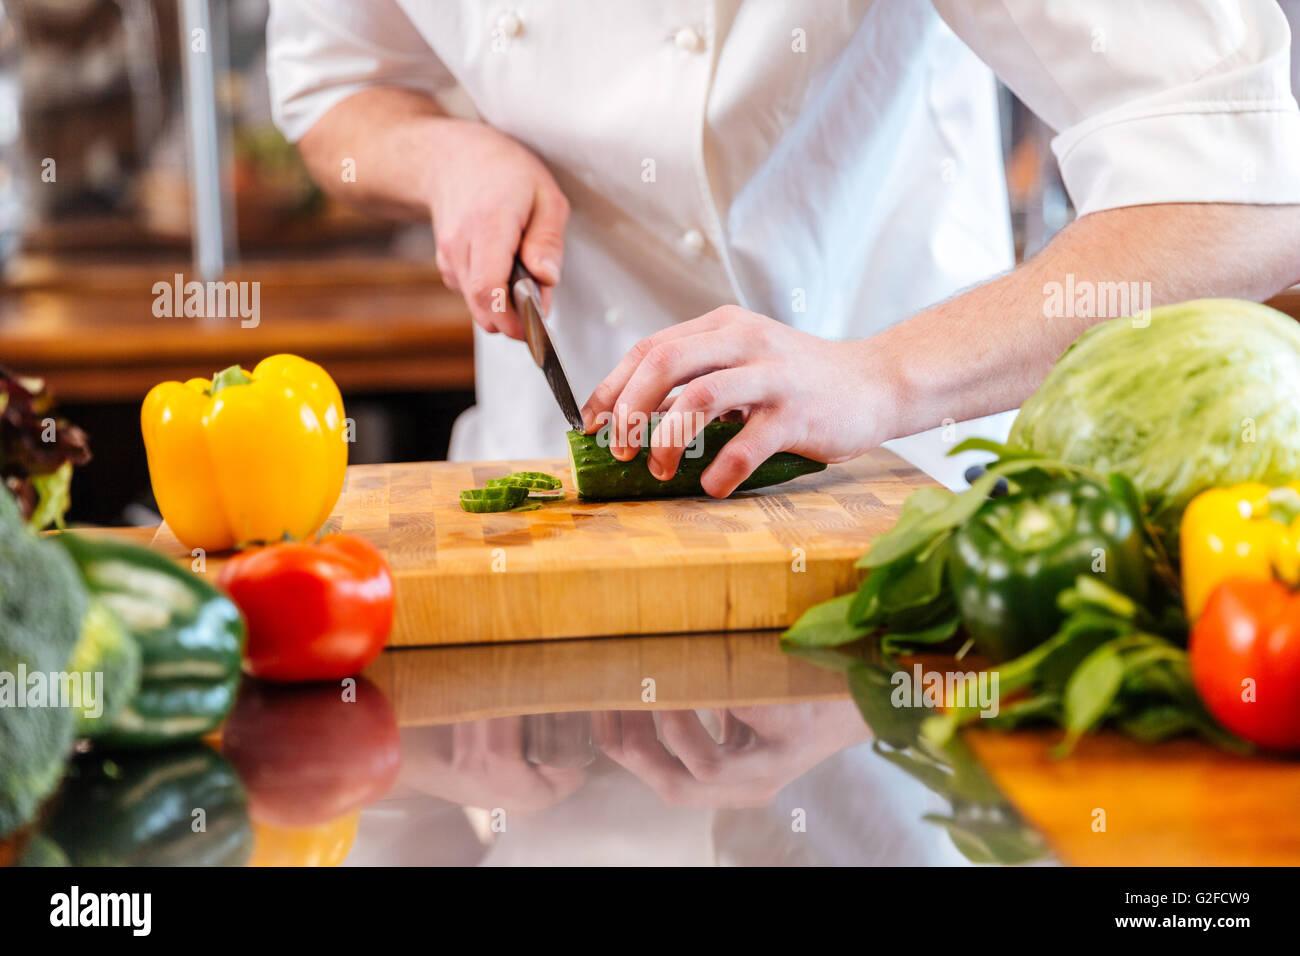 Gros plan du concombre vert réduit de mains de chef cuisinier professionnel sur la cuisine Photo Stock